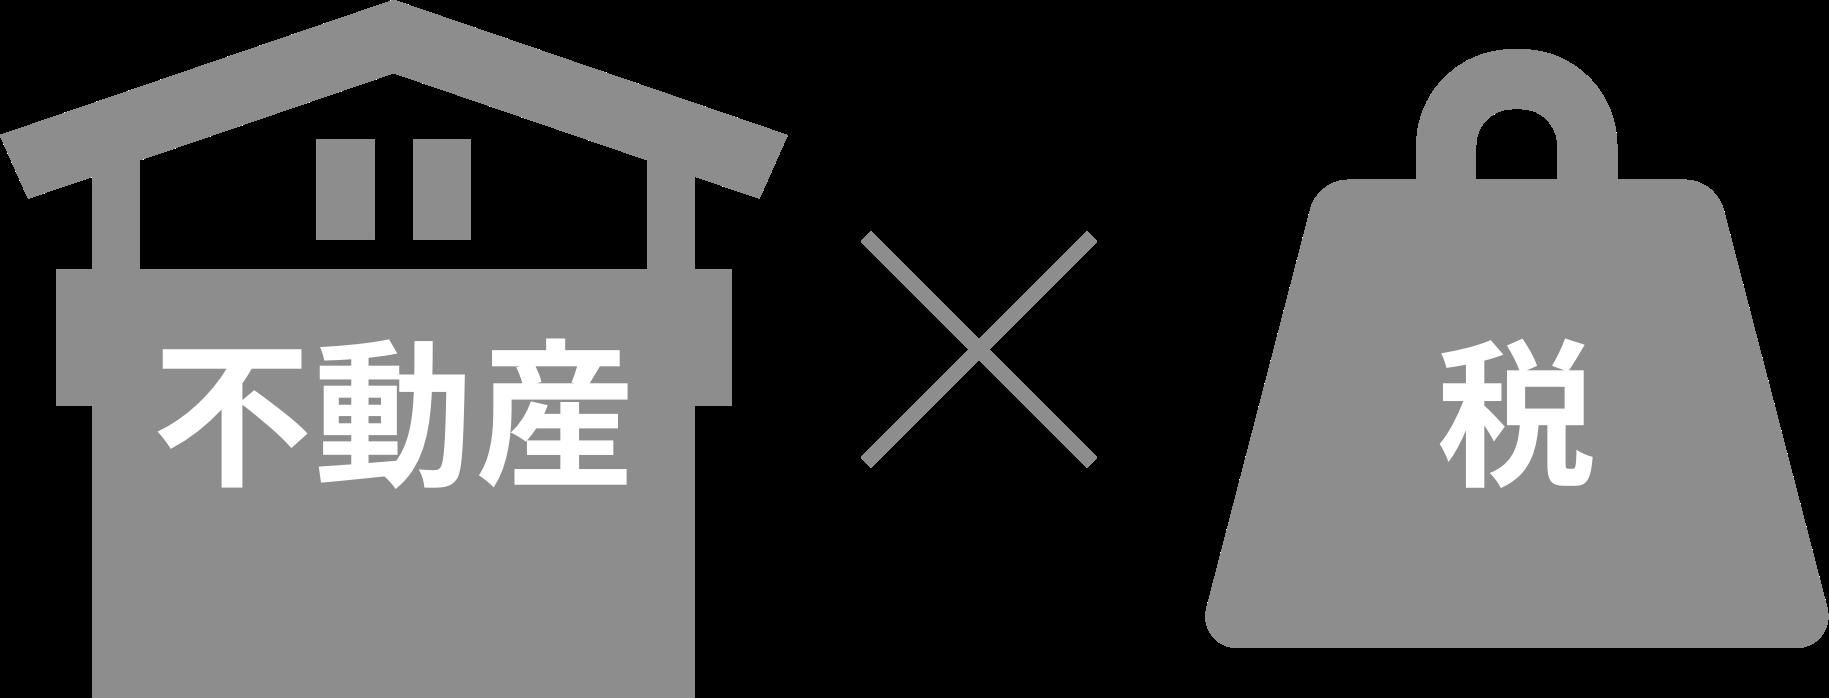 不動産×税